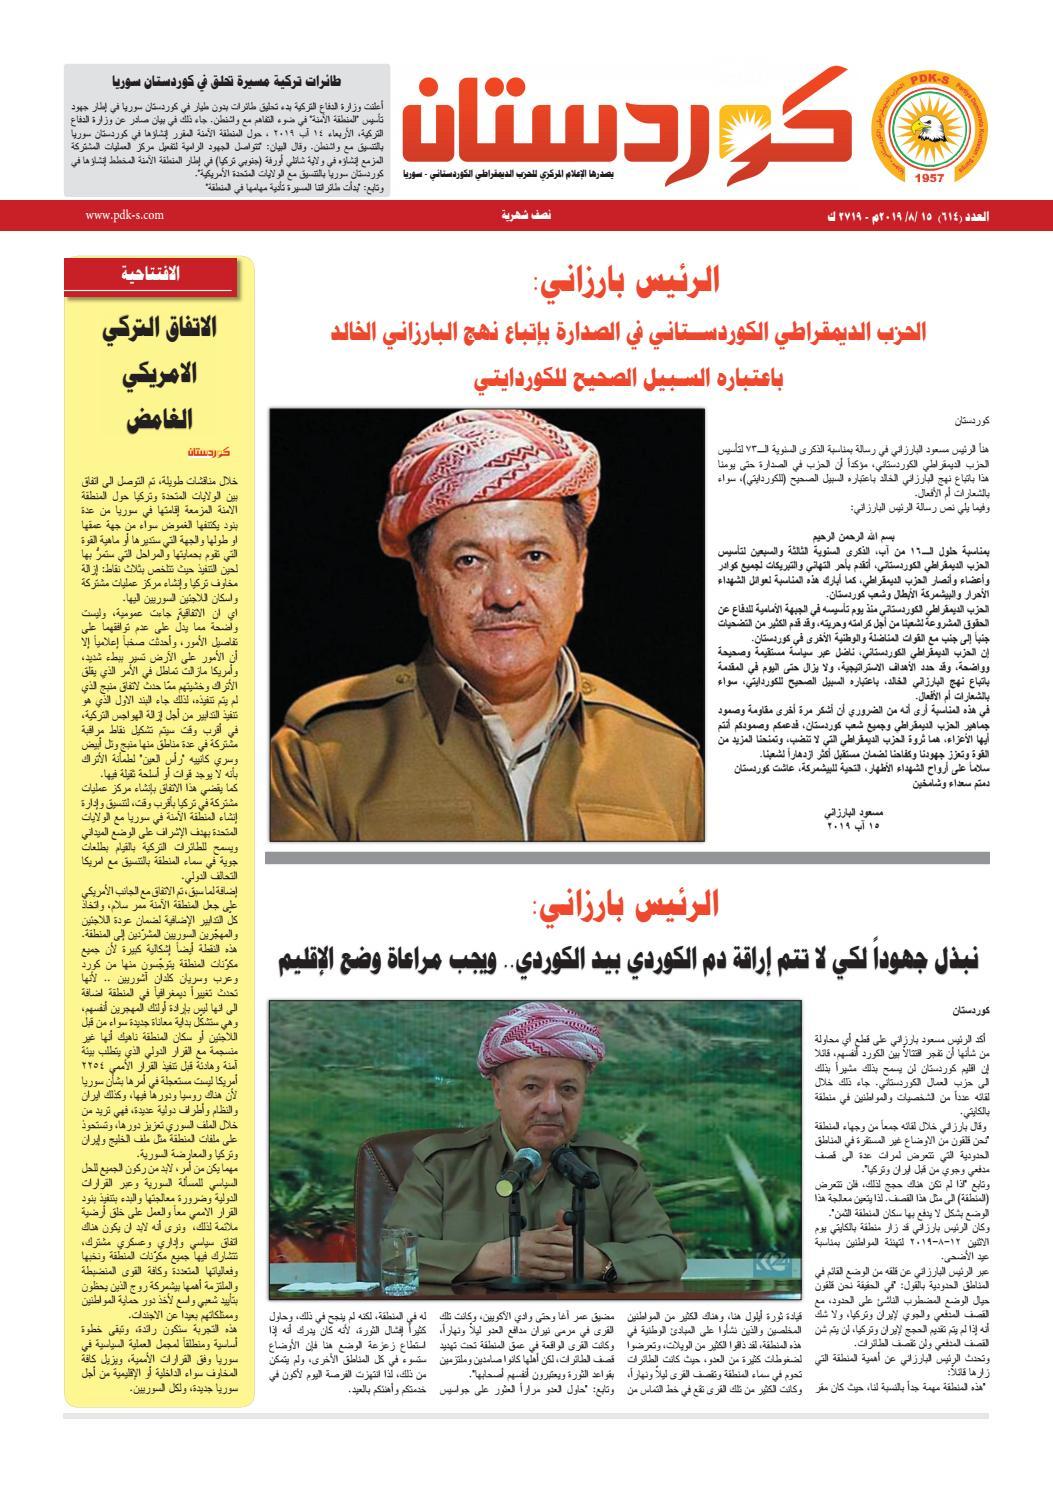 جريدة كوردستان العدد 614 بالعربي By Pdk S Issuu